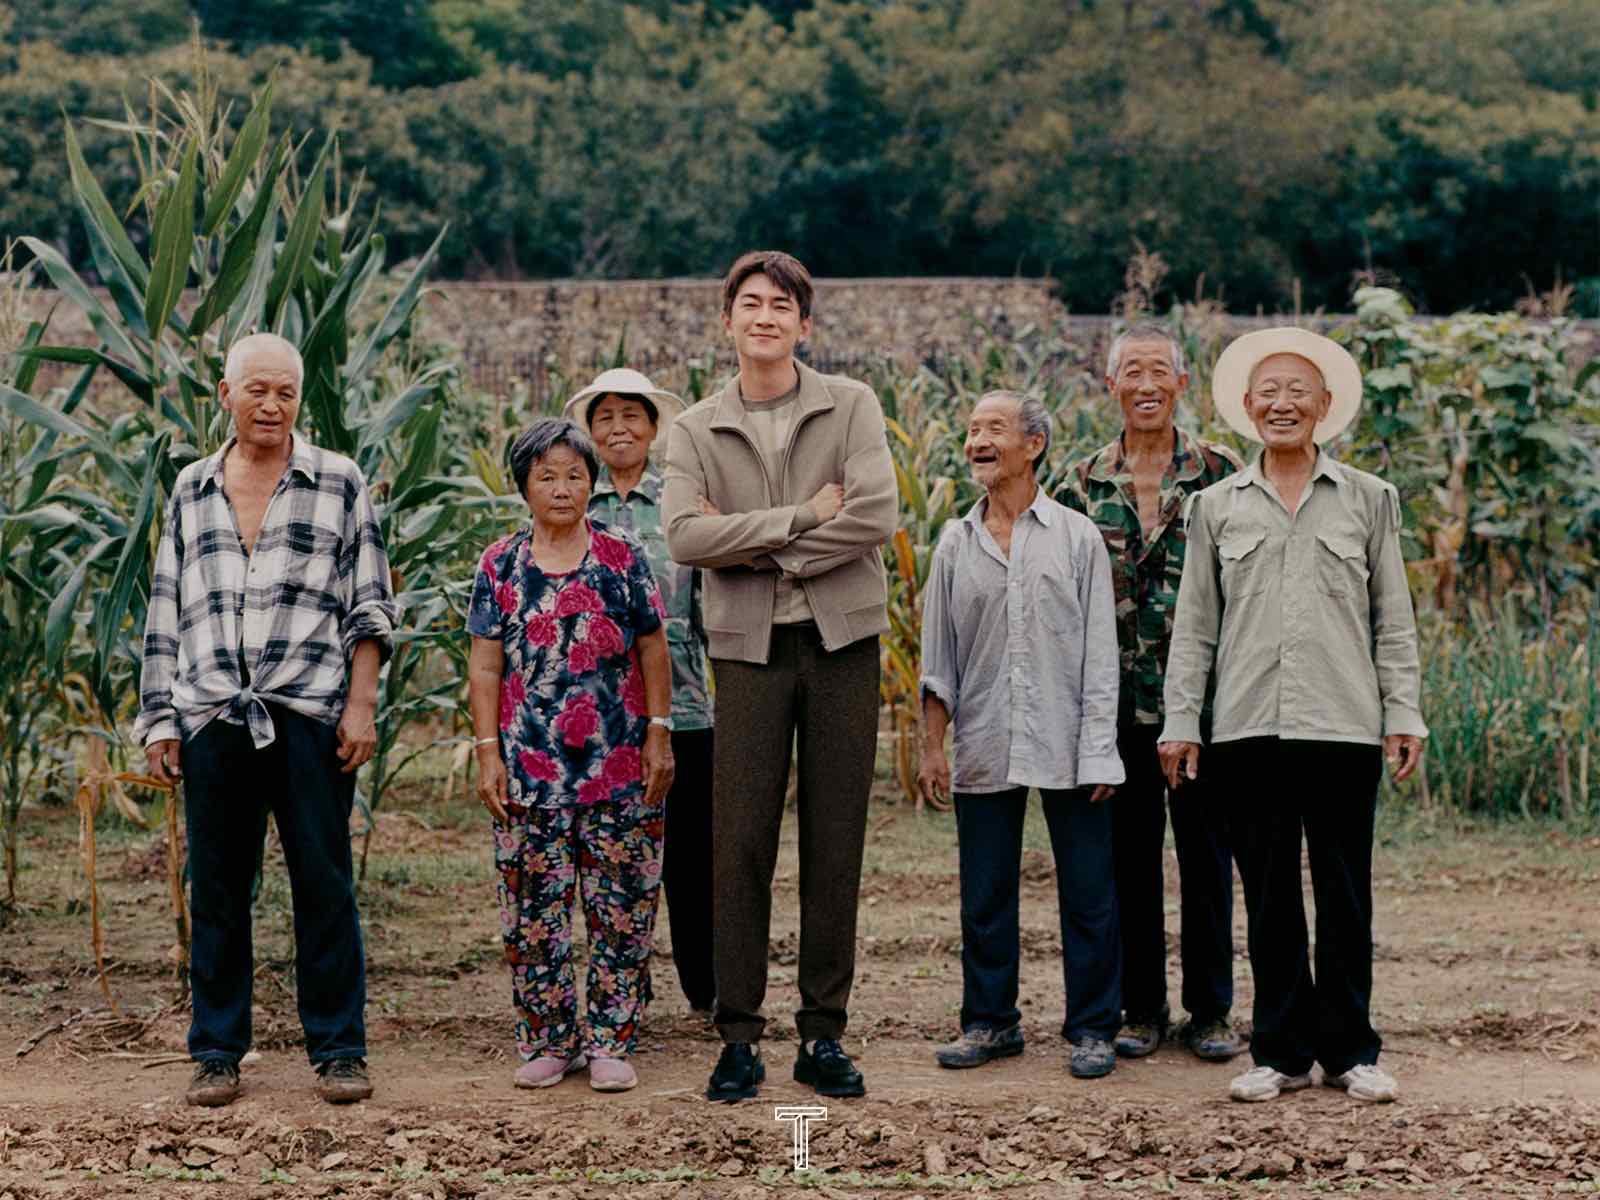 林更新登《T magazine》九月刊 演绎质朴自然田园大片